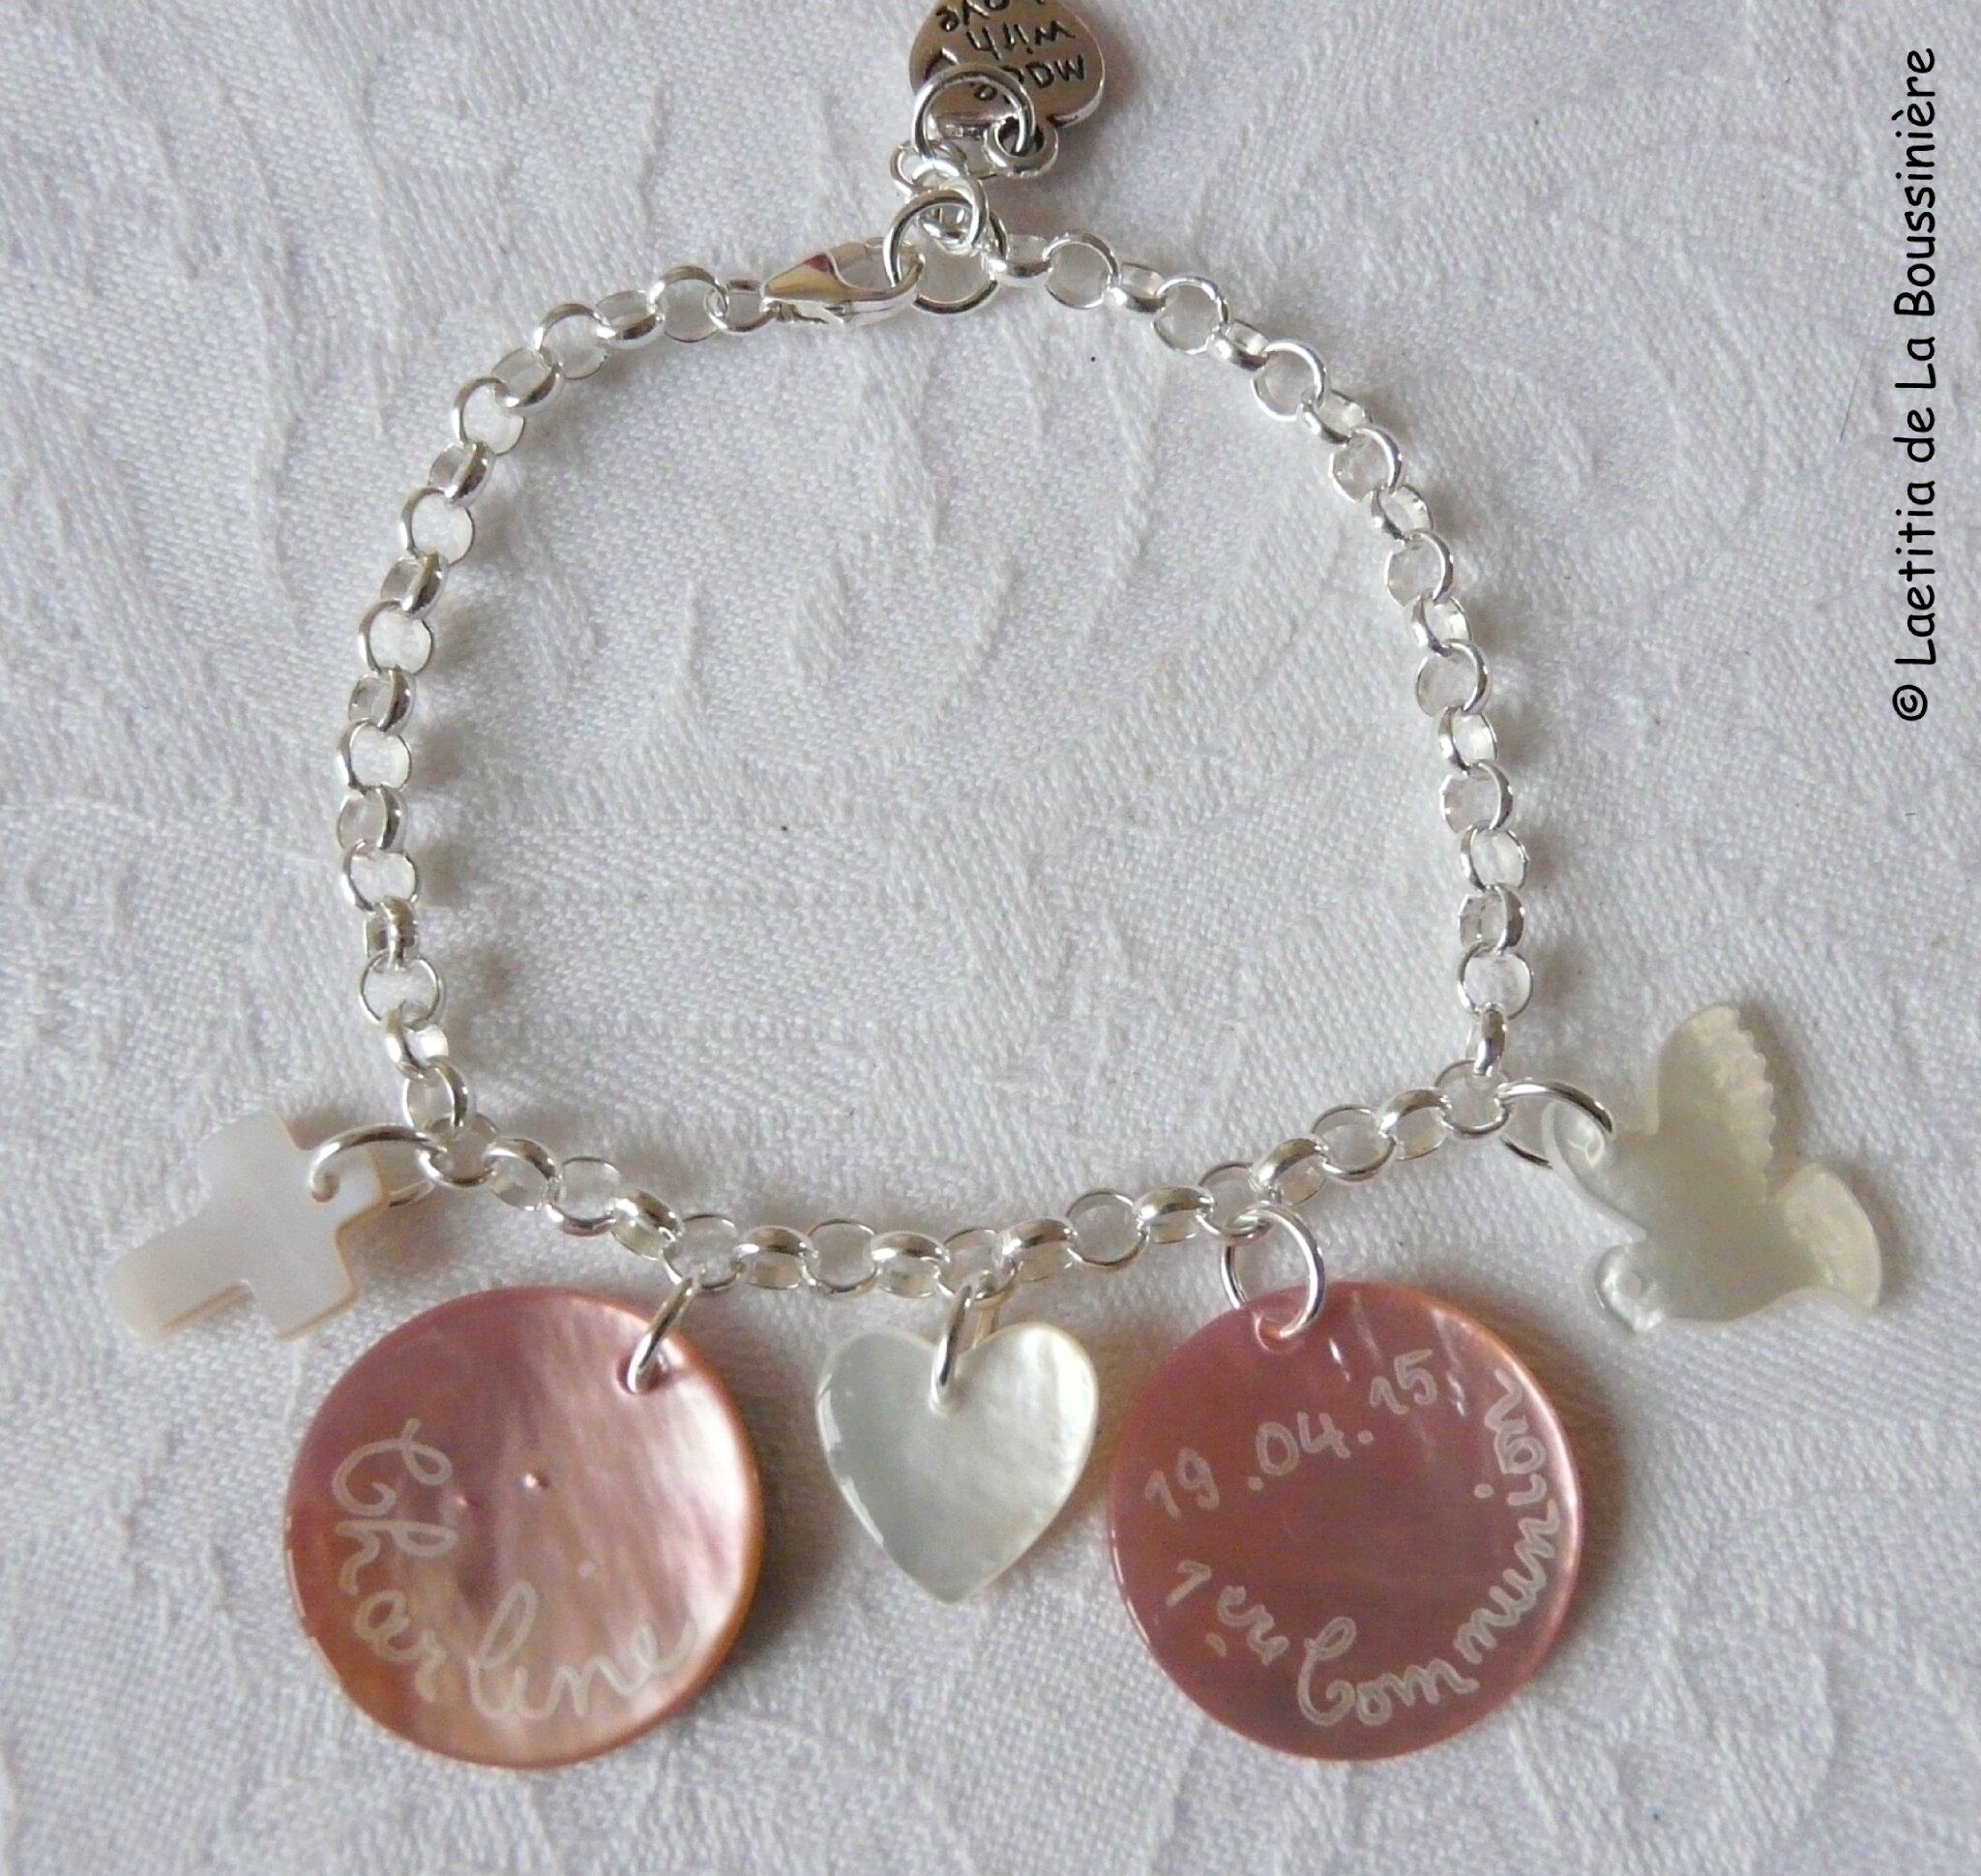 Bracelet sur chaîne argent massif, médailles en nacre rose clair, mini Croix en nacre, mini coeur en nacre et colombe en nacre - 65 €